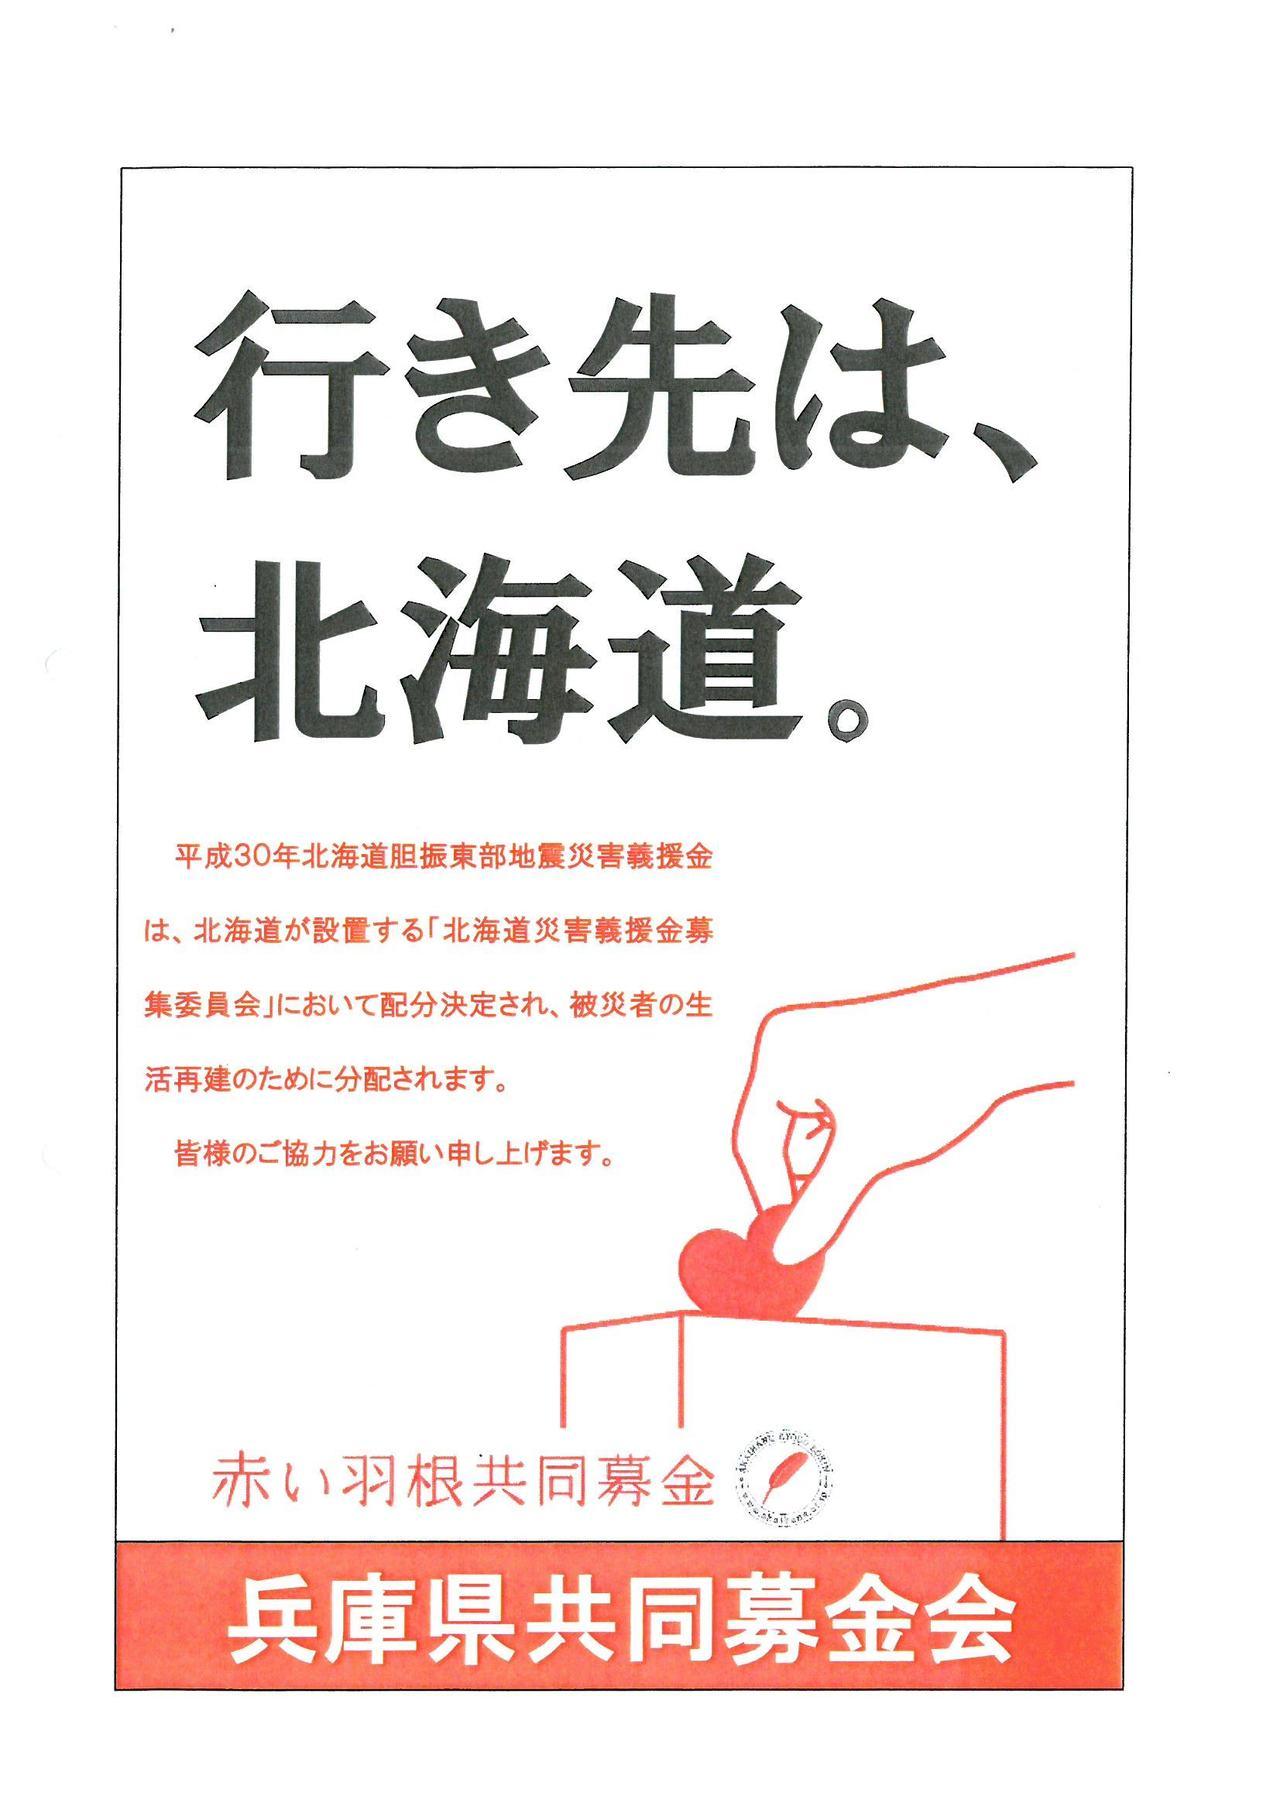 平成30年北海道胆振東部地震災害義援金の募集について